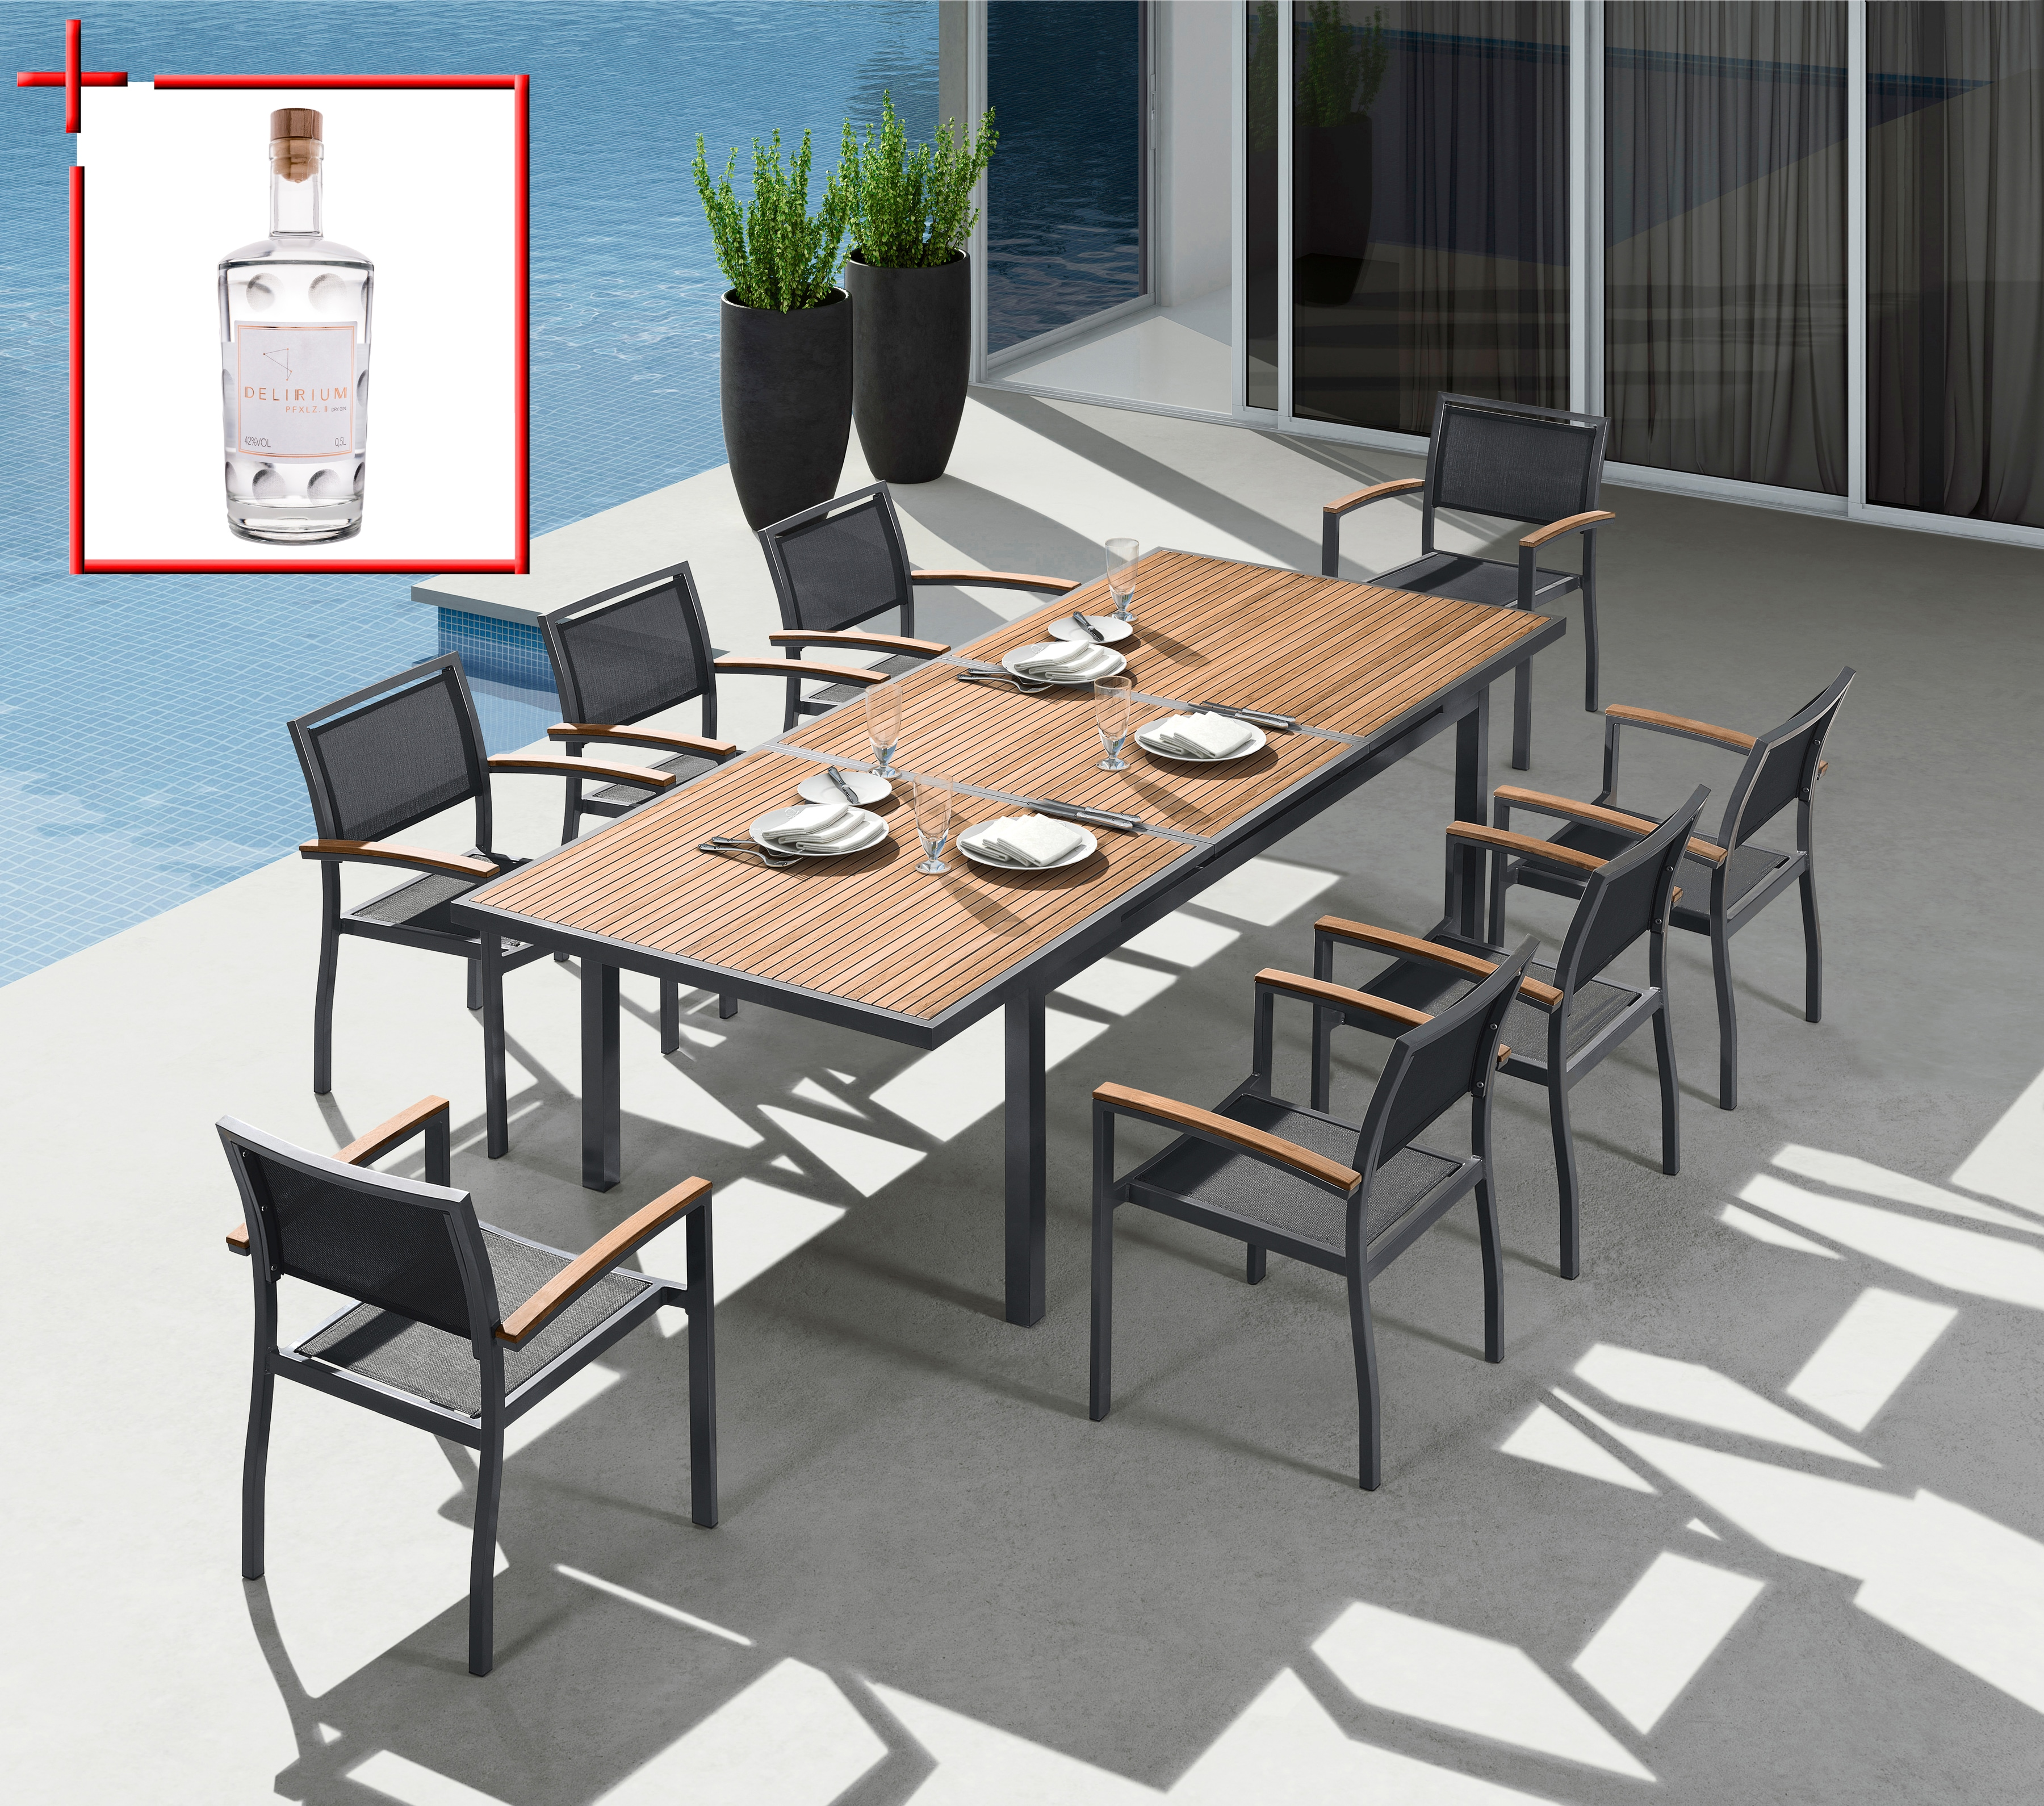 BELLASOLE Gartenmöbelset »Melbourne«, 9-tlg., 8 Sessel, Tisch 180-240,  Alu/Holz/Textil, schwarz auf Rechnung kaufen   BAUR